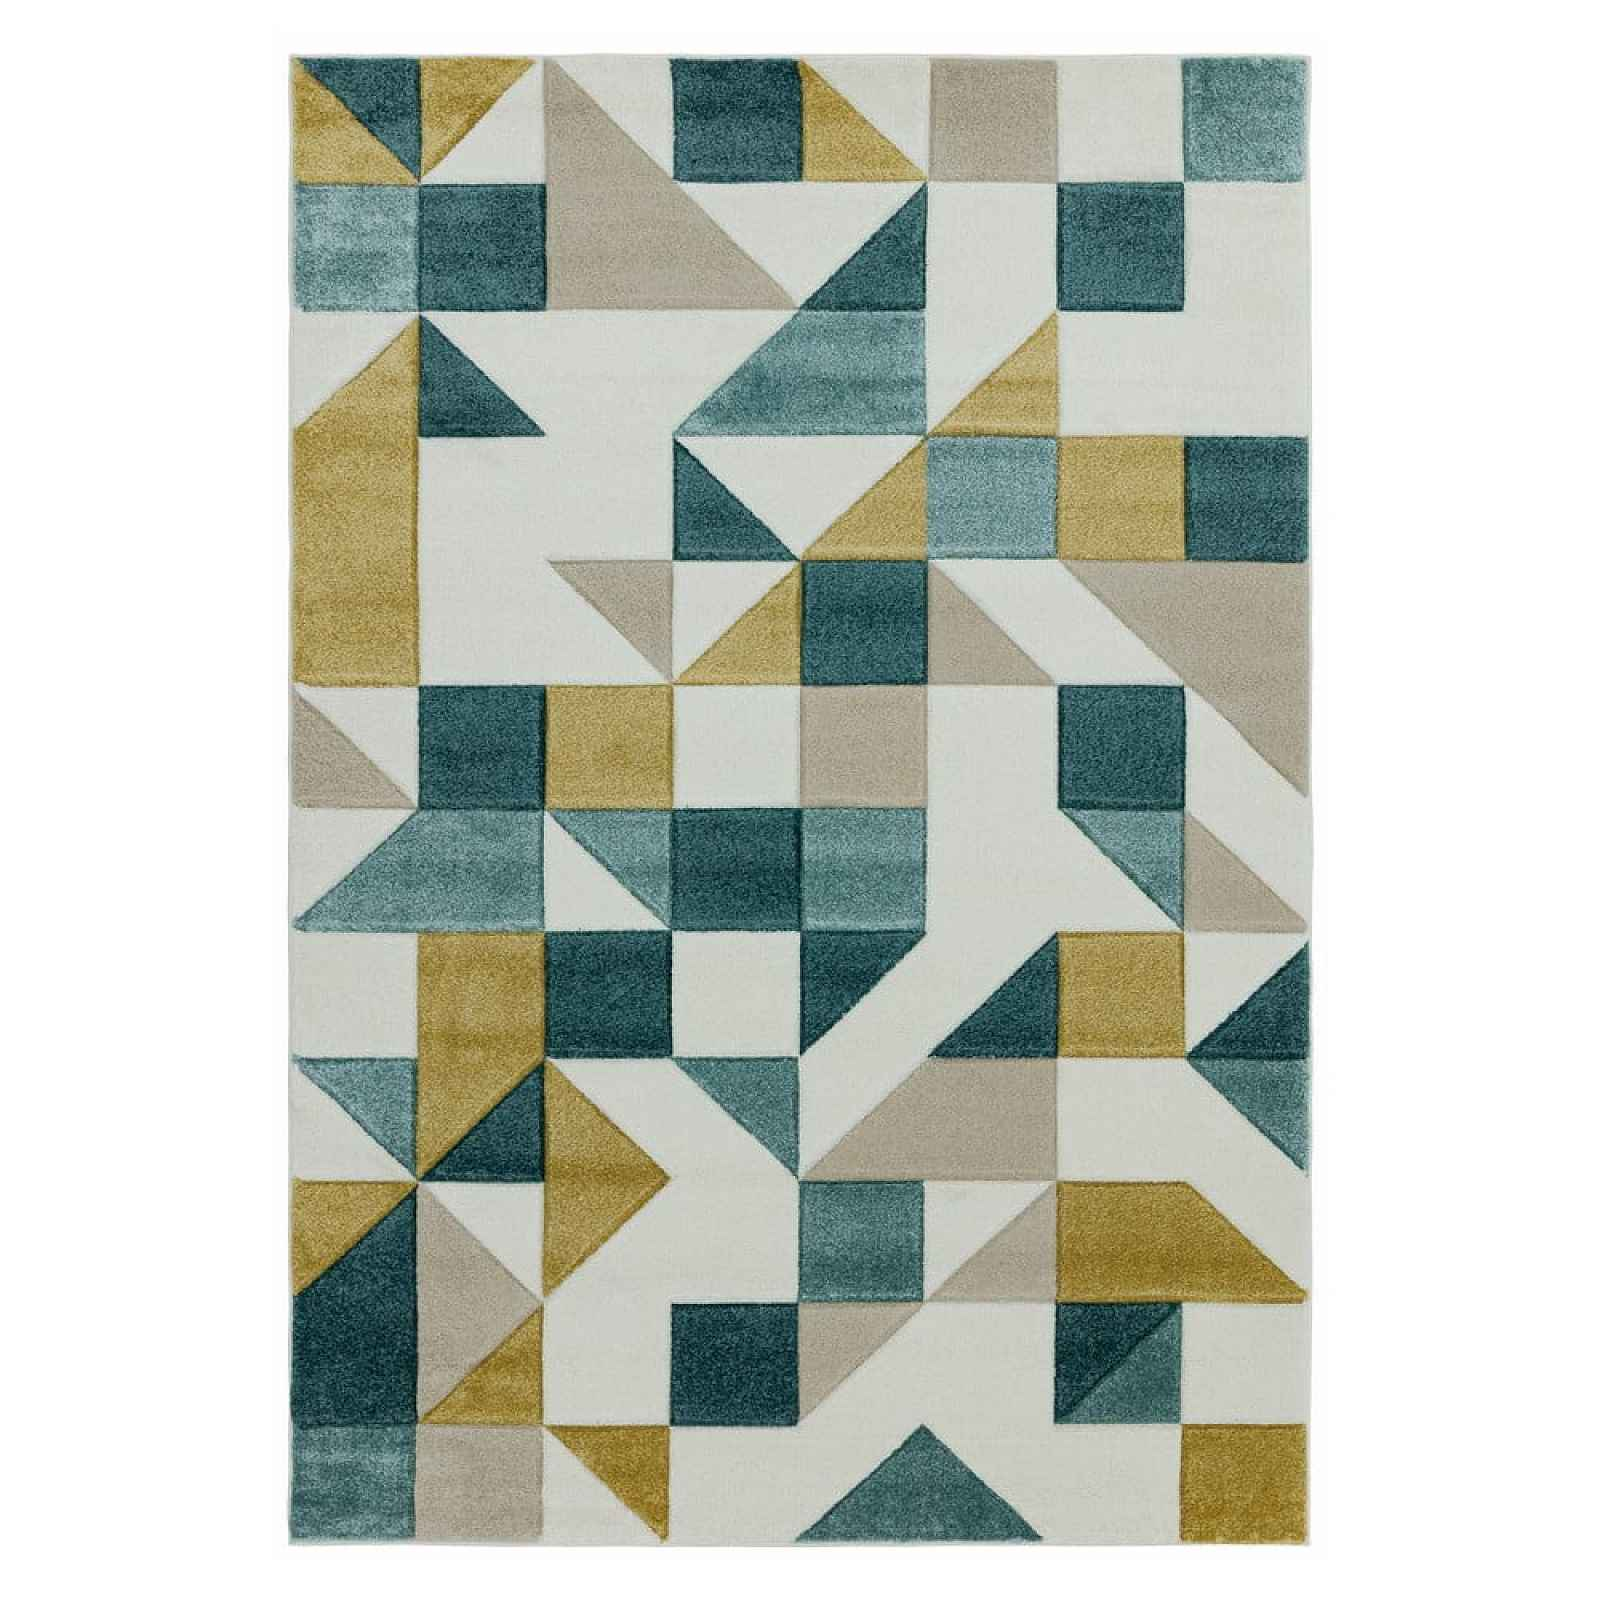 Koberec Asiatic Carpets Shapes, 120 x 170 cm